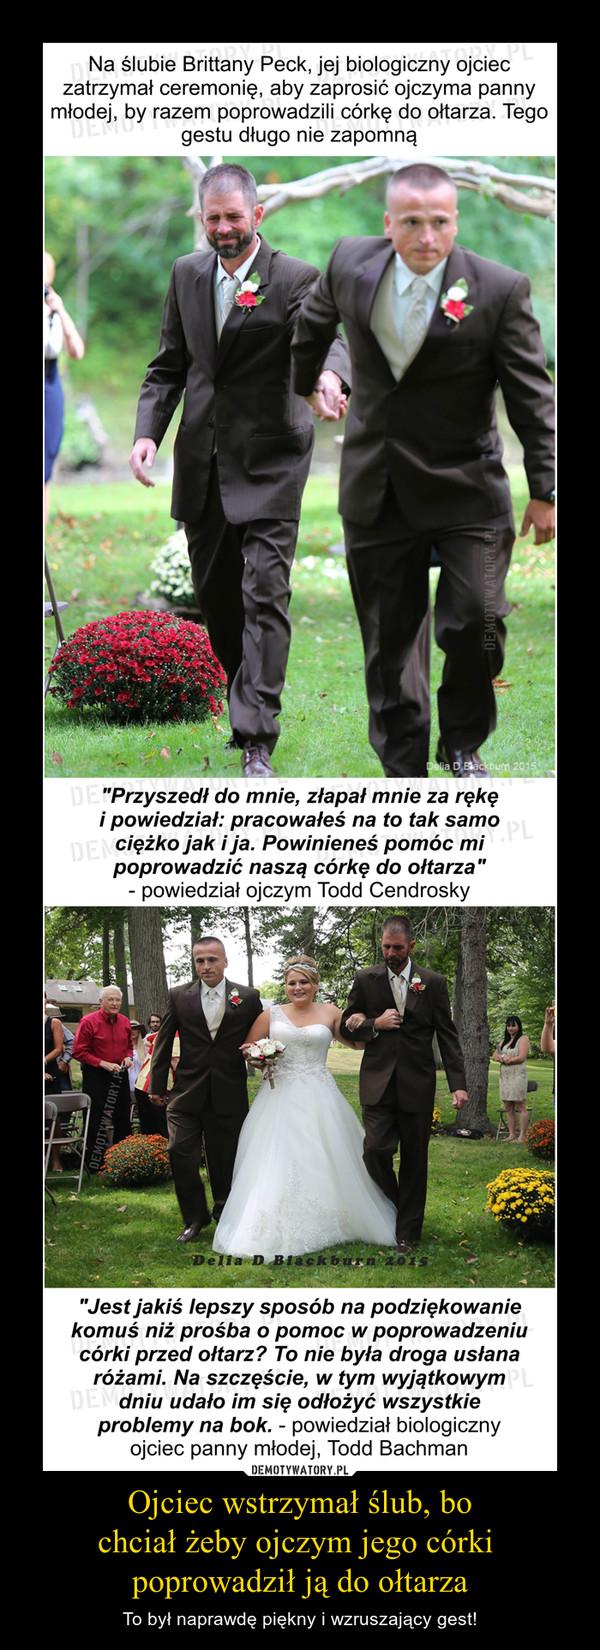 """Ojciec wstrzymał ślub, bochciał żeby ojczym jego córki poprowadził ją do ołtarza – To był naprawdę piękny i wzruszający gest! Na ślubie Brittany Peck, jej biologiczny ojciec zatrzymał ceremonię, aby zaprosić ojczyma panny młodej, by razem poprowadzili córkę do ołtarza. Tego gestu długo nie zapomną""""Przyszedł do mnie, złapał mnie za rękę i powiedział: pracowałeś na to tak samo ciężko jak i ja. Powinieneś pomóc mi poprowadzić naszą córkę do ołtarza"""" - powiedział ojczym Todd Cendrosky""""Jest jakiś lepszy sposób na podziękowanie komuś niż prośba o pomoc w poprowadzeniu córki przed ołtarz? To nie była droga usłana różami. Na szczęście, w tym wyjątkowym dniu udało im się odłożyć wszystkie problemy na bok. - powiedział biologiczny ojciec panny młodej, Todd Bachman"""